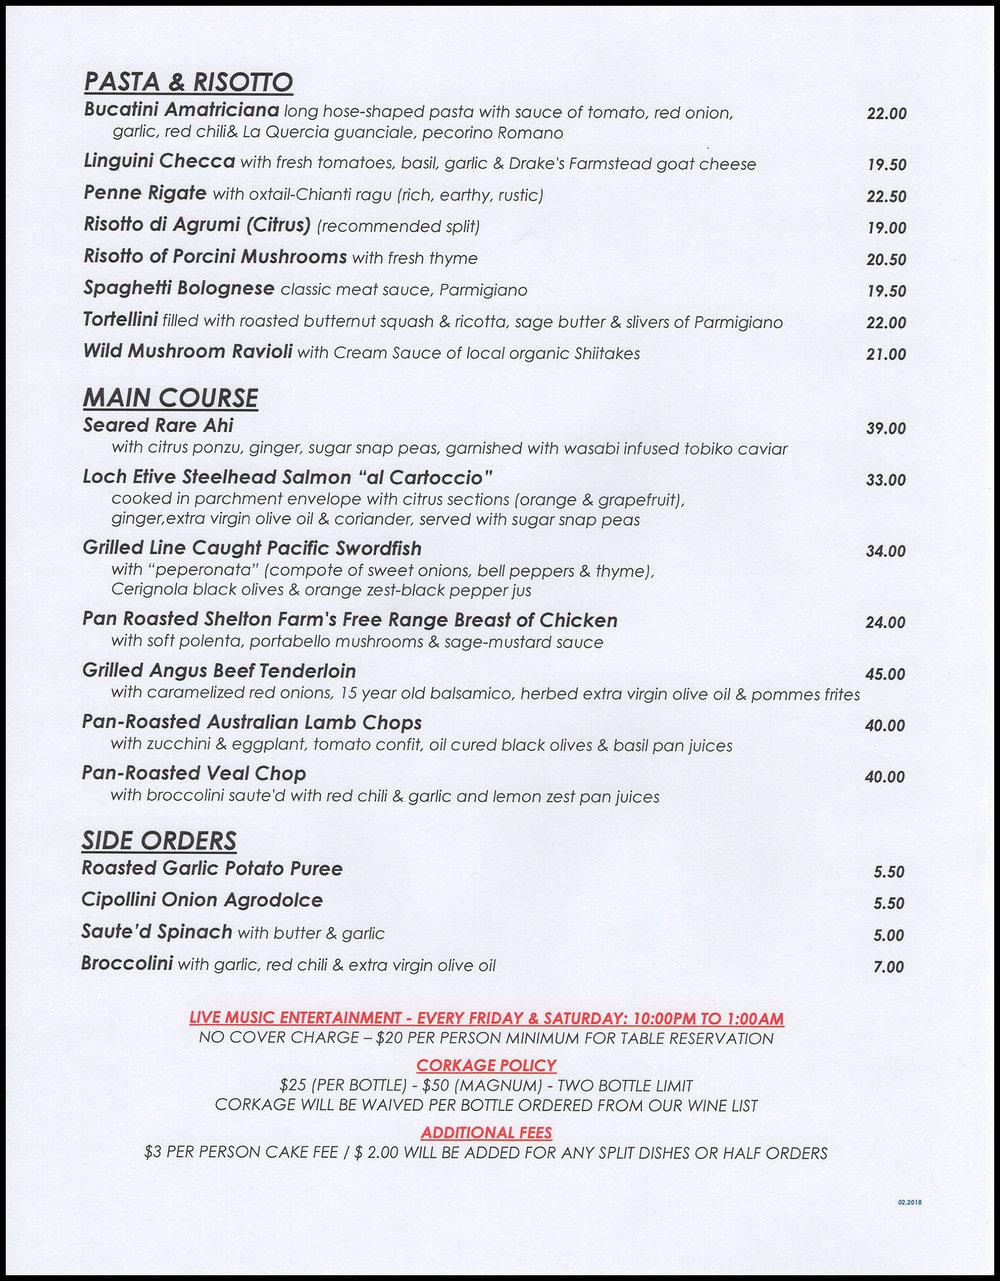 DINNER MENU PAGE 2 MARIO'S PLACE002.jpg